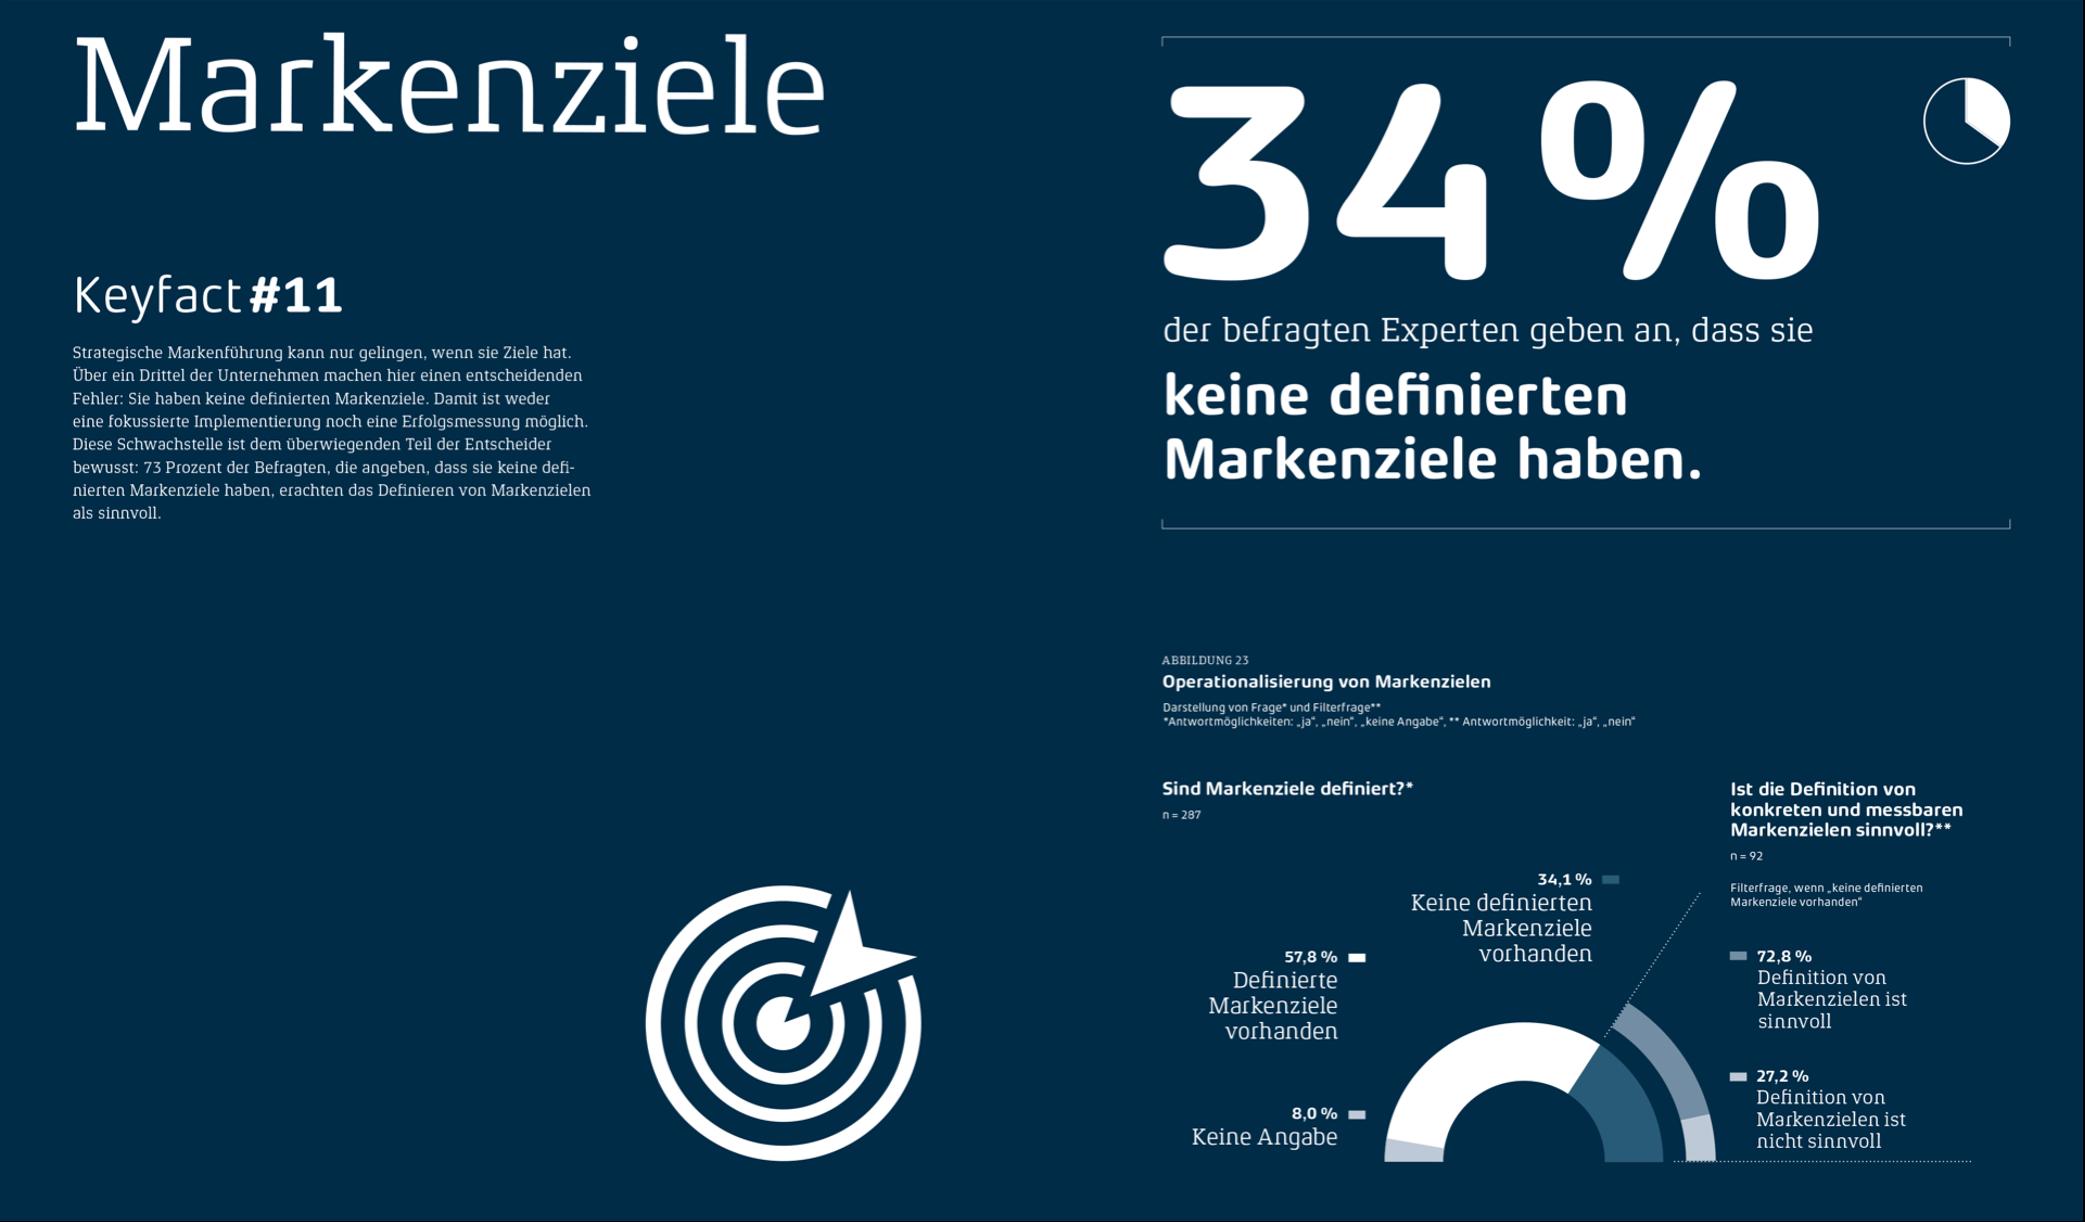 Auszug aus dem Deutschen Markenmonitor 2019/2020